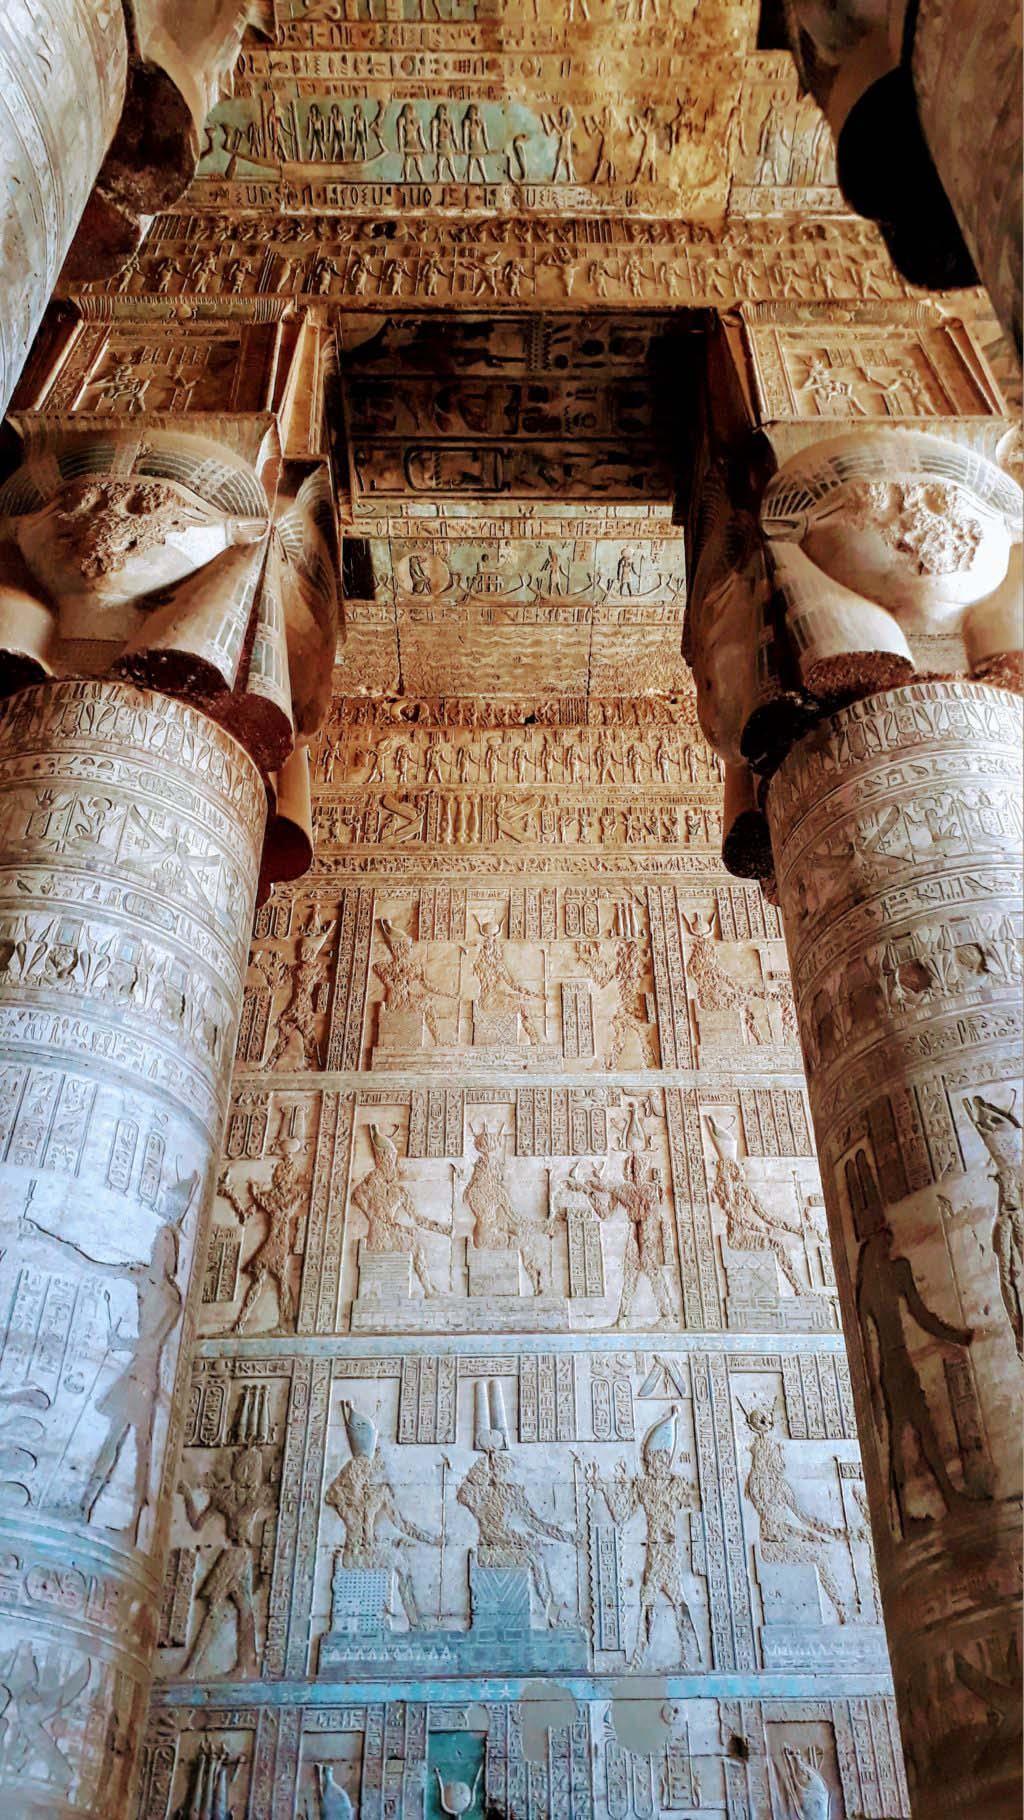 Hathor columns in the Temple of Hathor